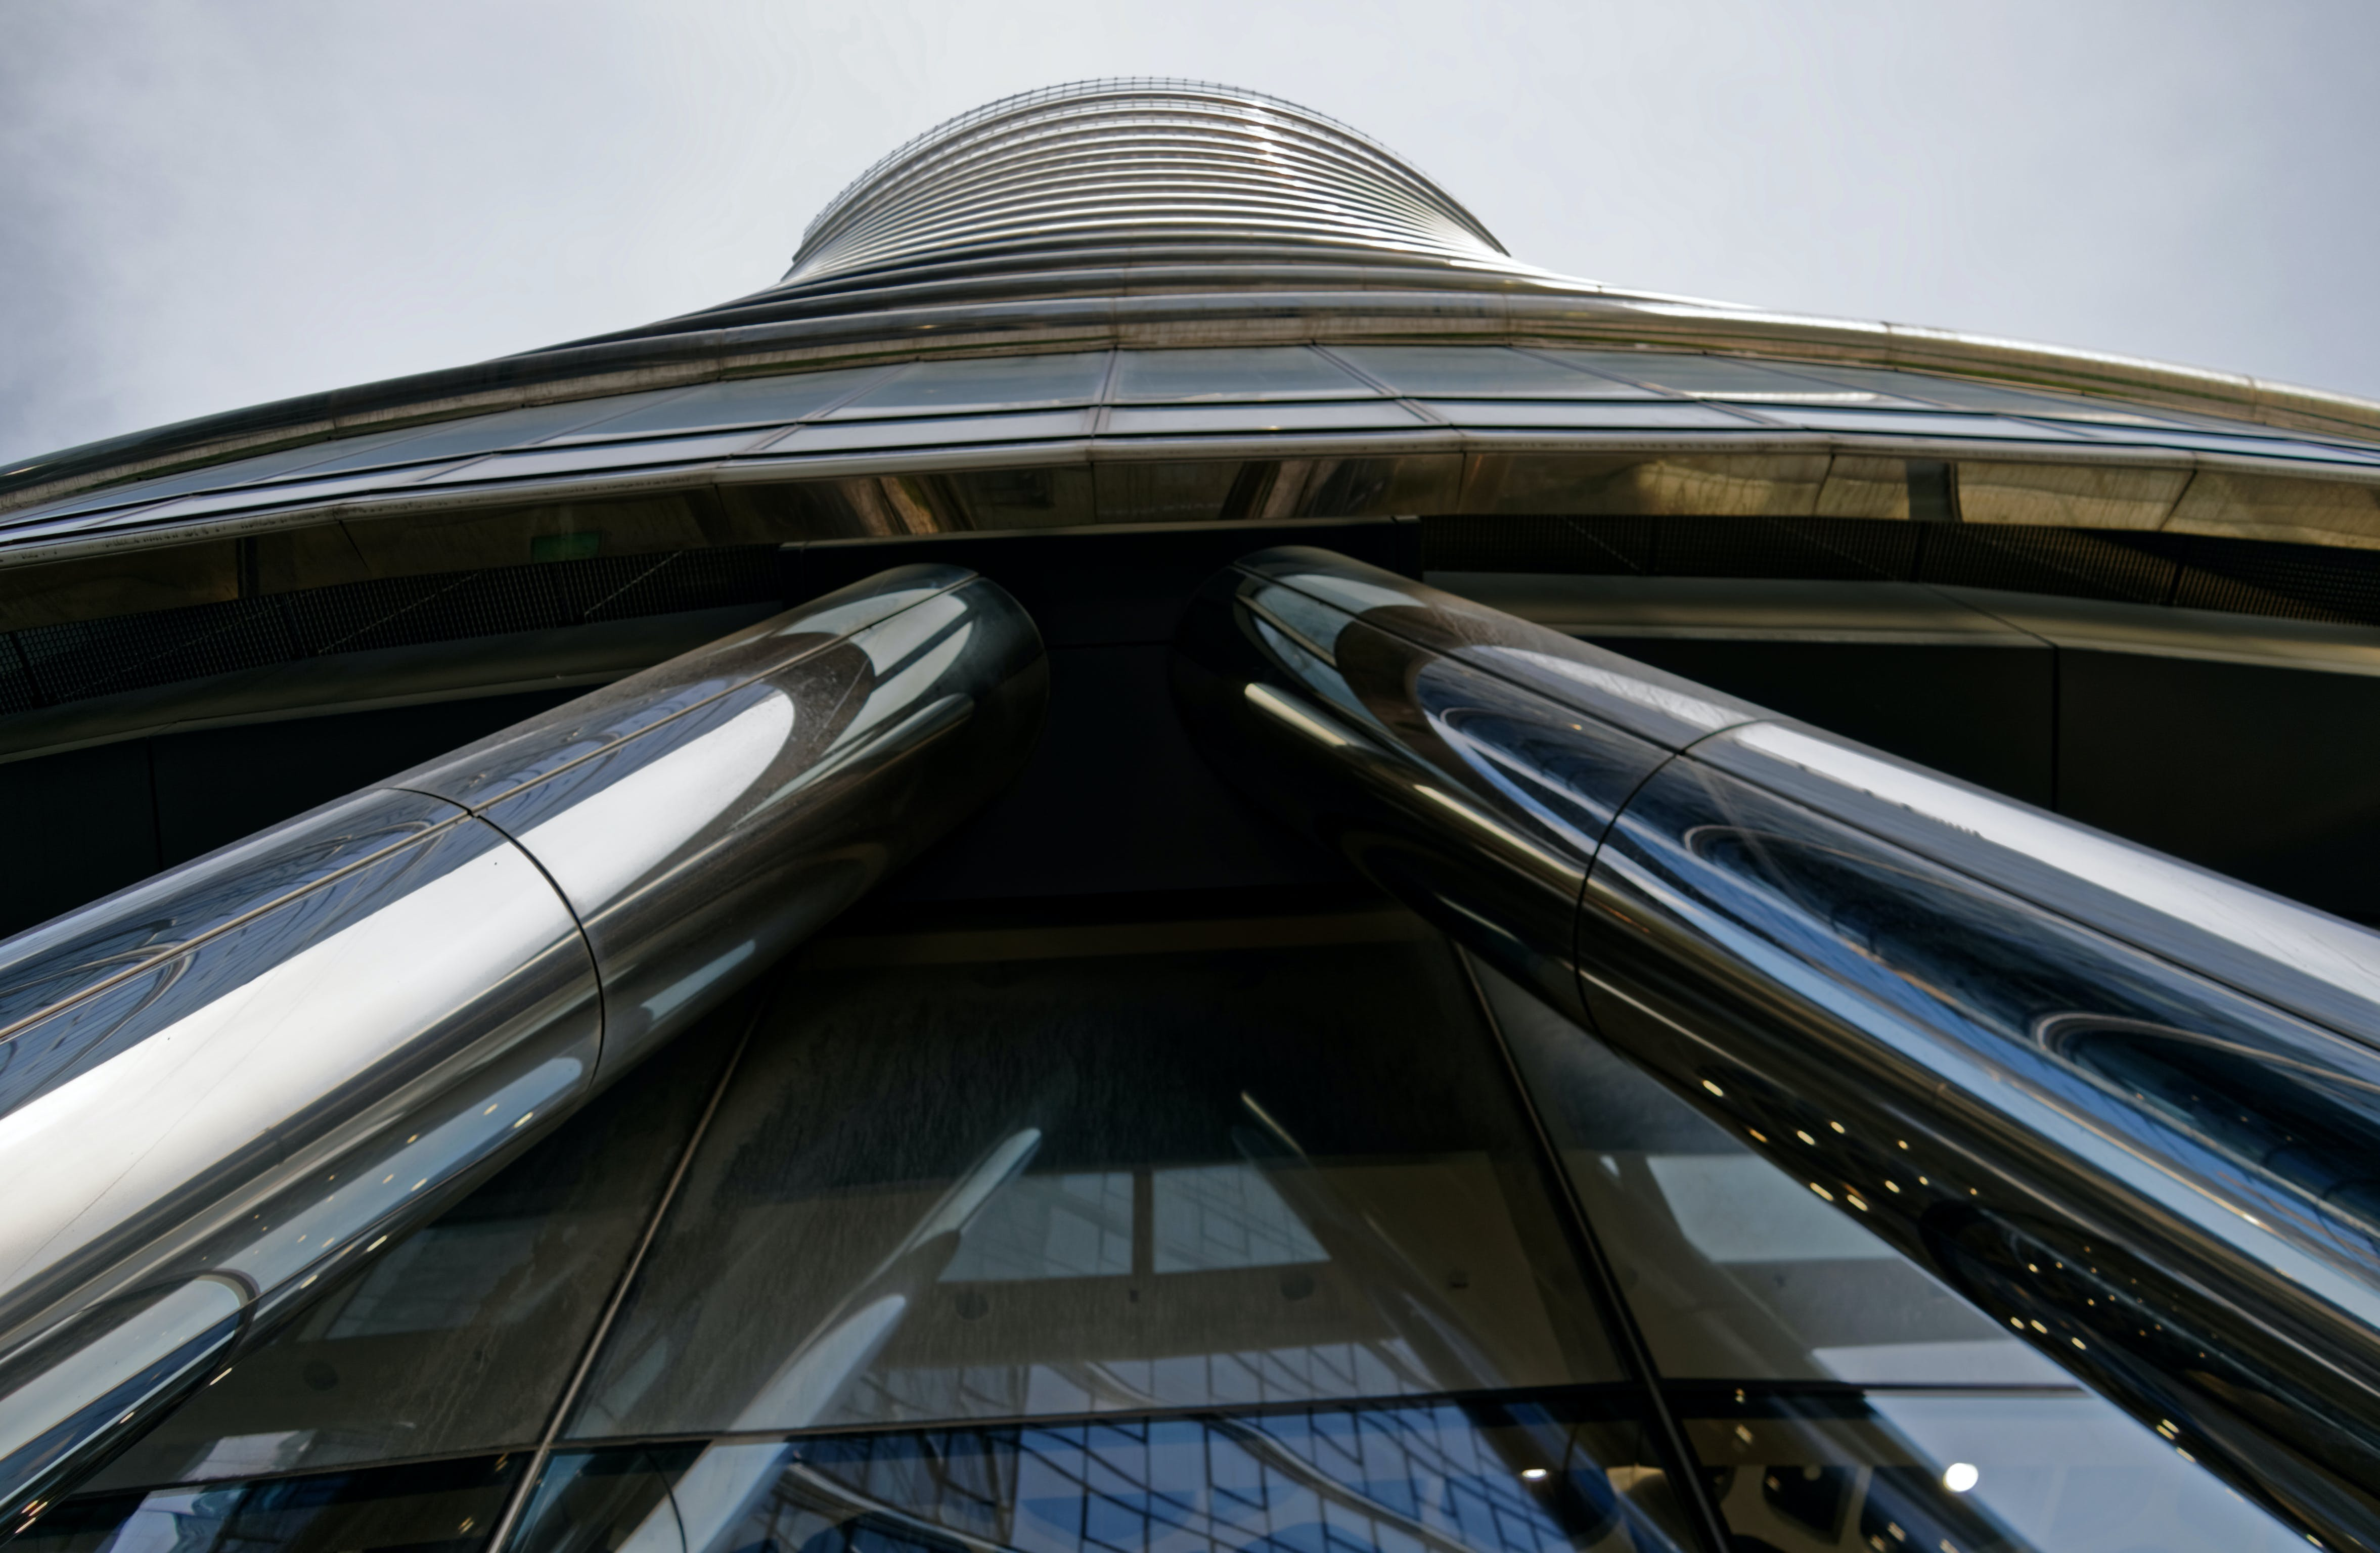 건축, 미래적인, 사무실 건물, 앙시도의 무료 스톡 사진